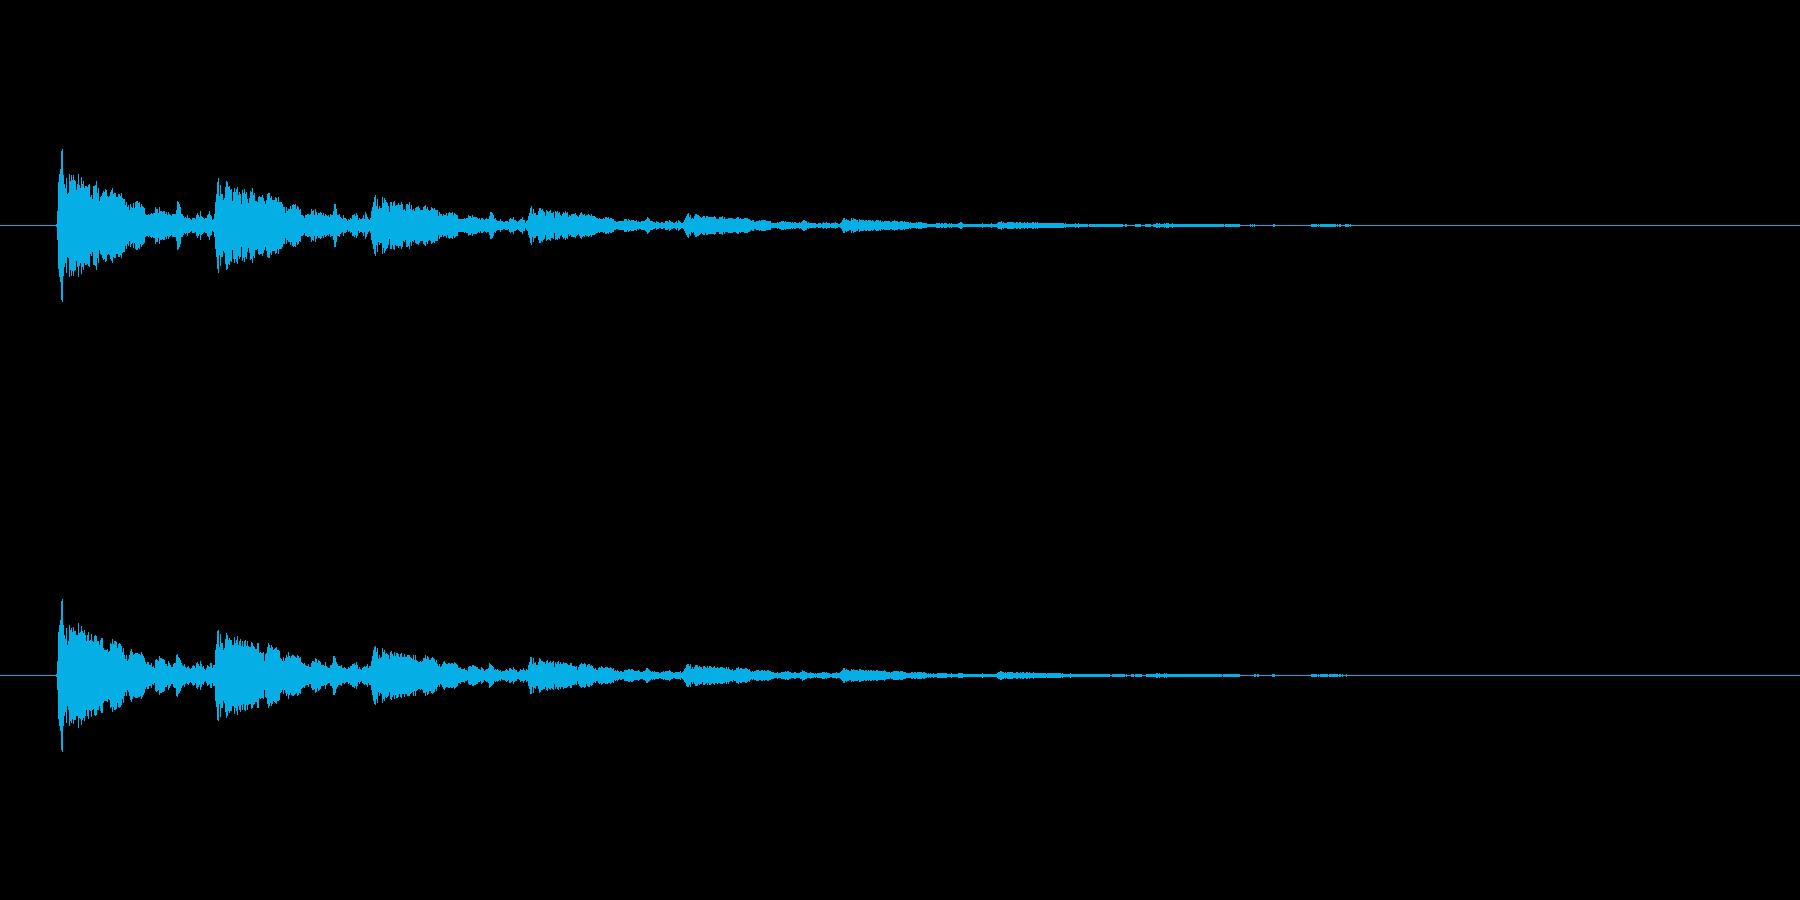 【アクセント38-2】の再生済みの波形